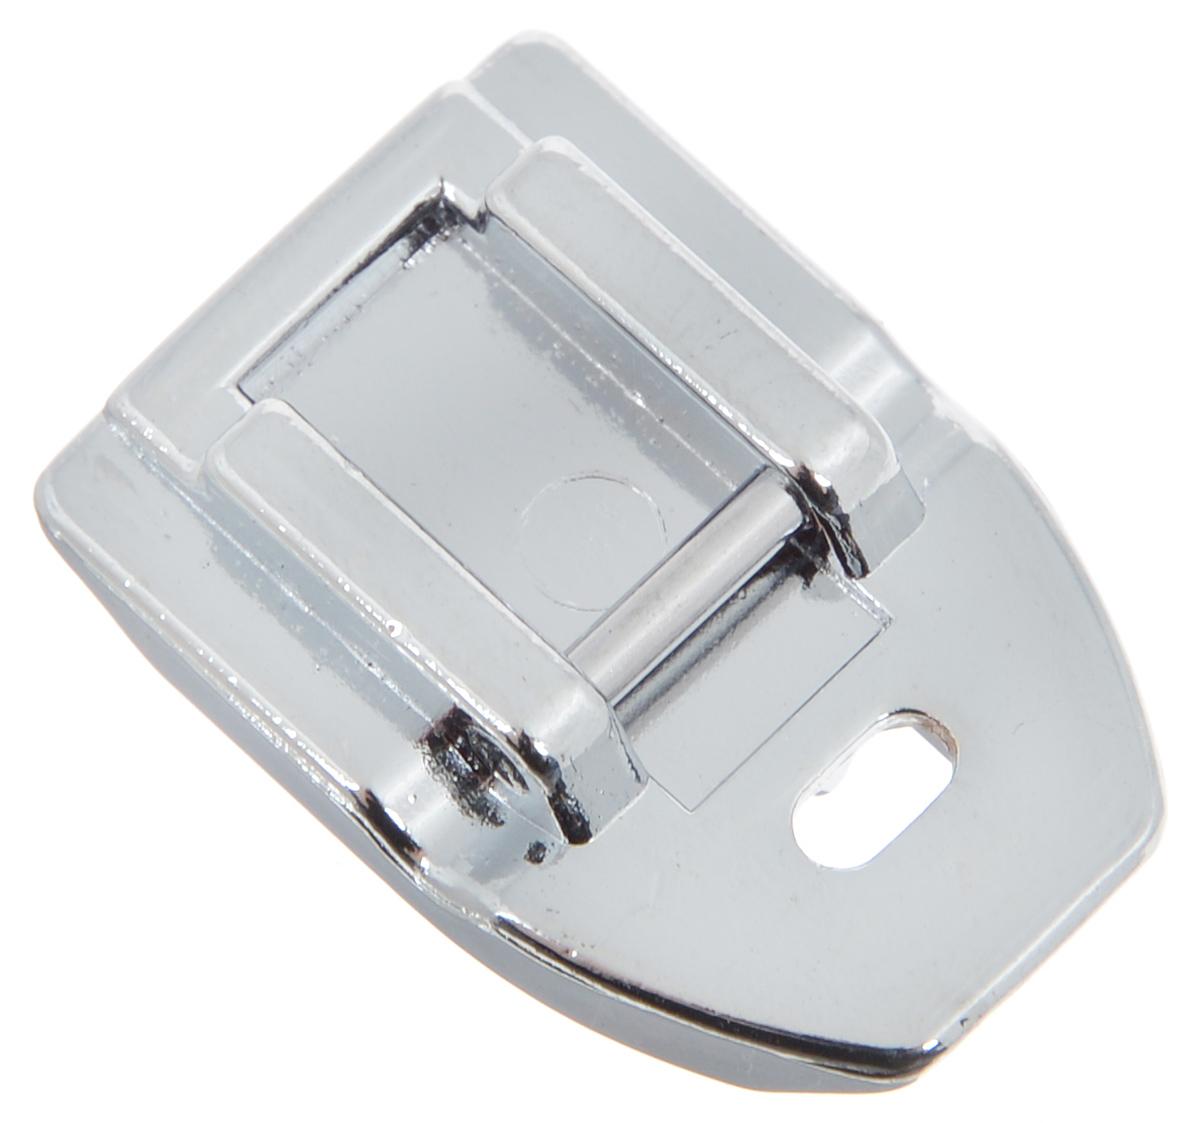 Лапка для швейной машины Aurora, для потайной молнииFTN 07Лапка для швейной машины Aurora существенно облегчает выполнение операции по вшиванию потайной застежки-молнии. Подходит для большинства современных бытовых швейных машин. Инструкция по использованию прилагается.